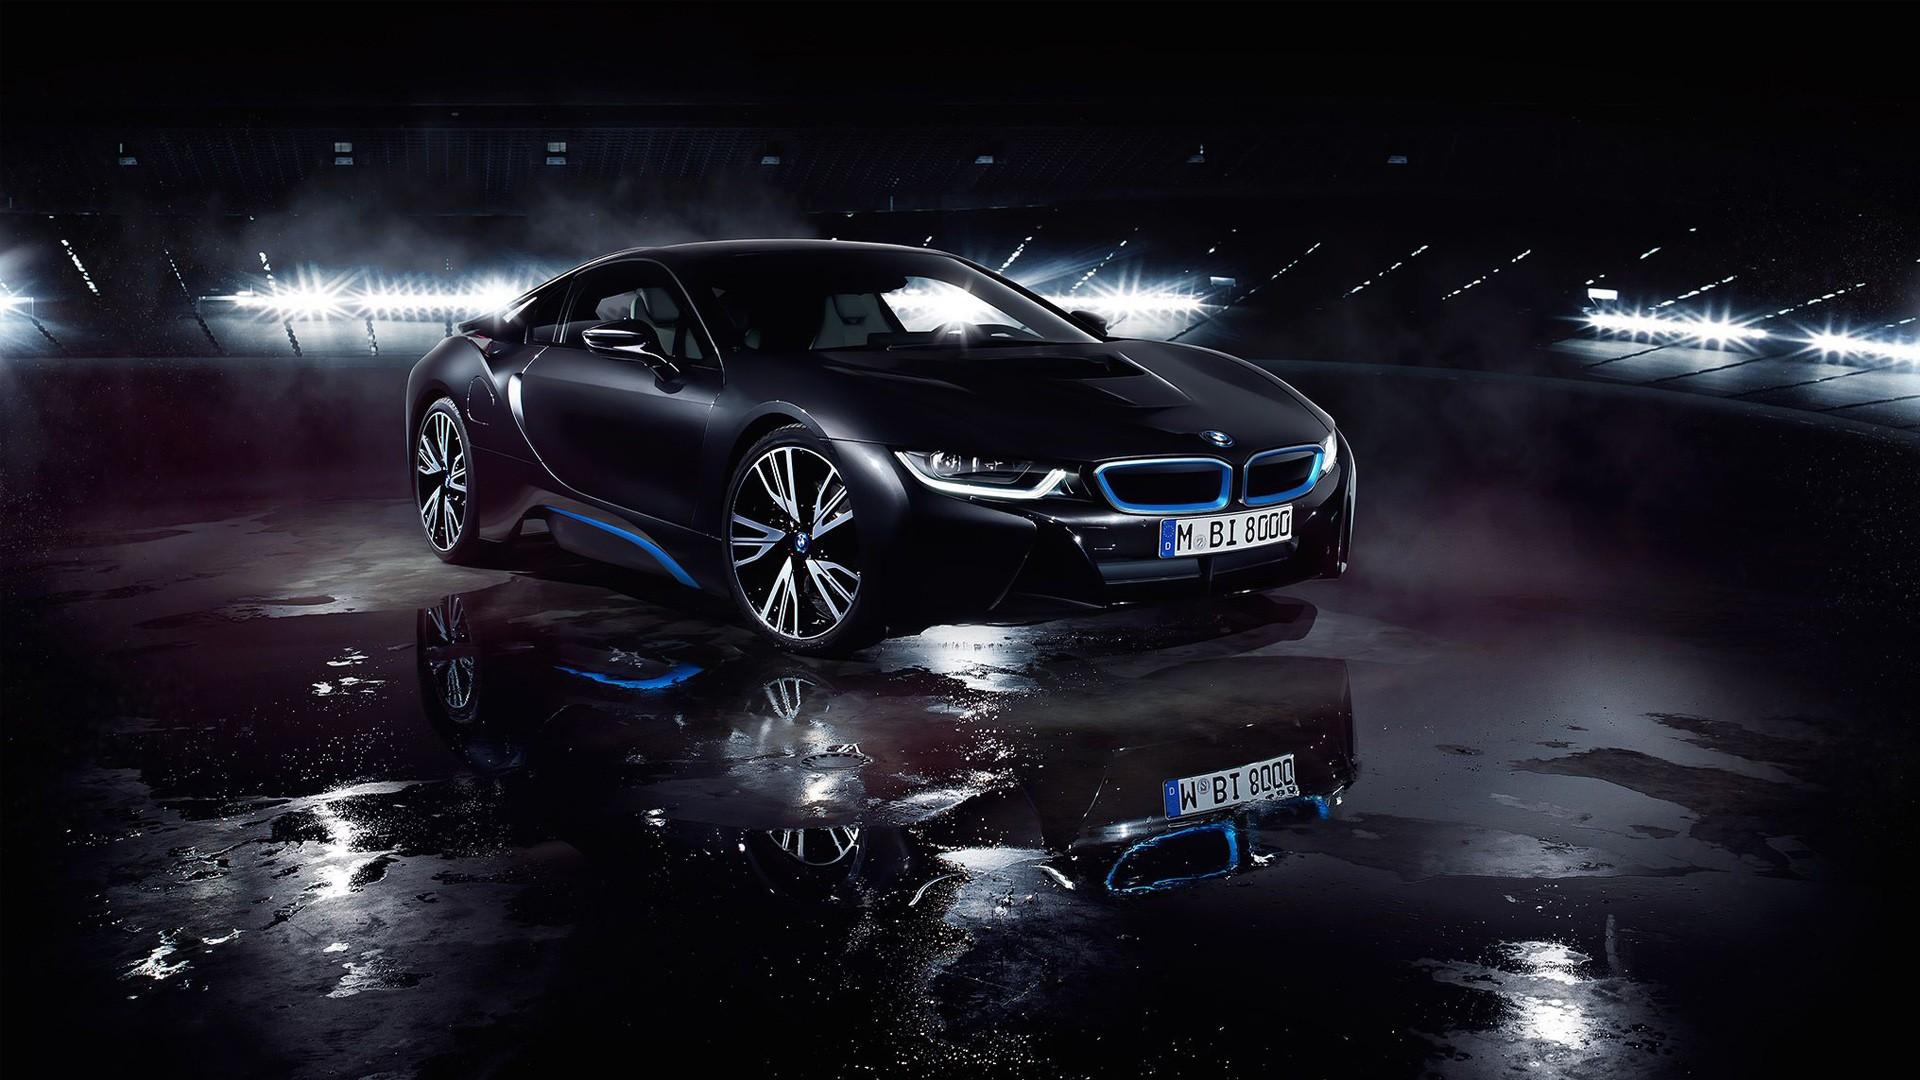 BMW I8 Matte Black Wallpaper